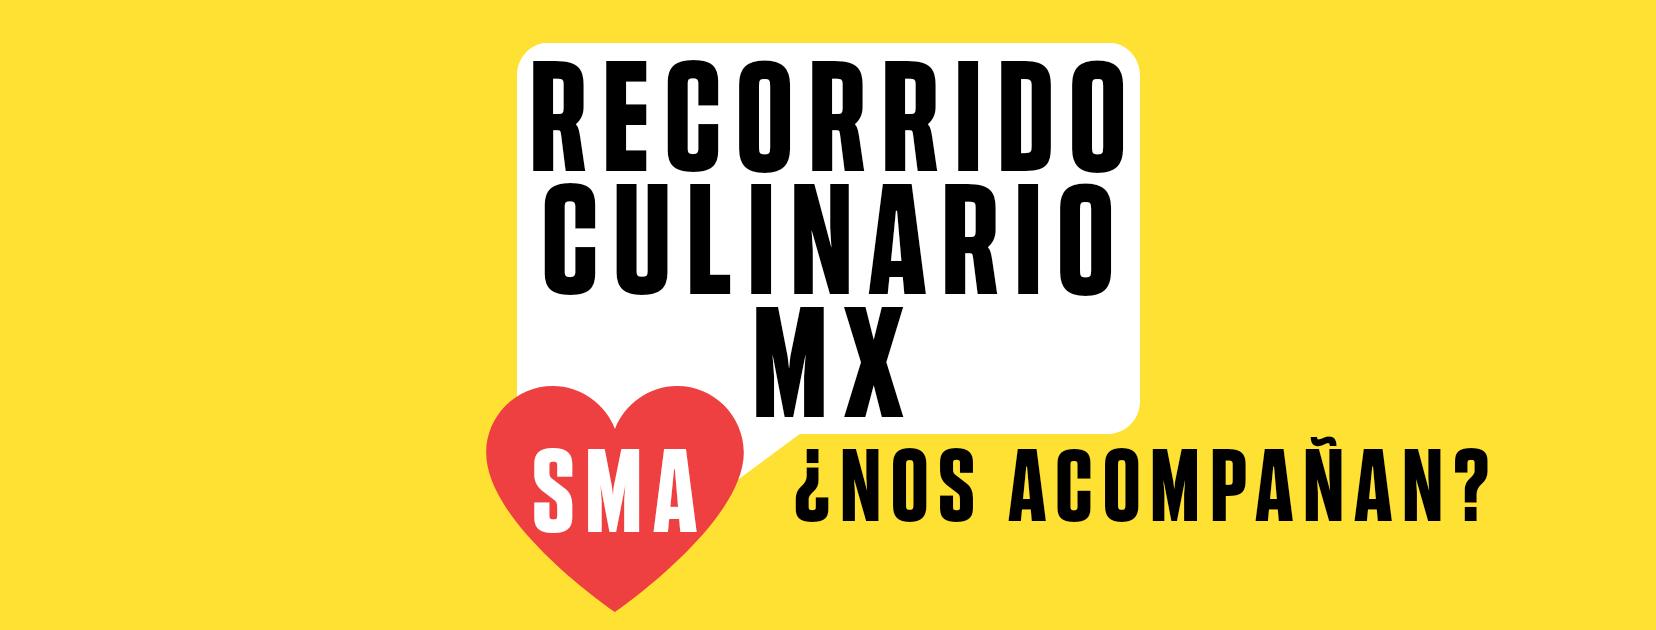 Recorrido Culinario Mx